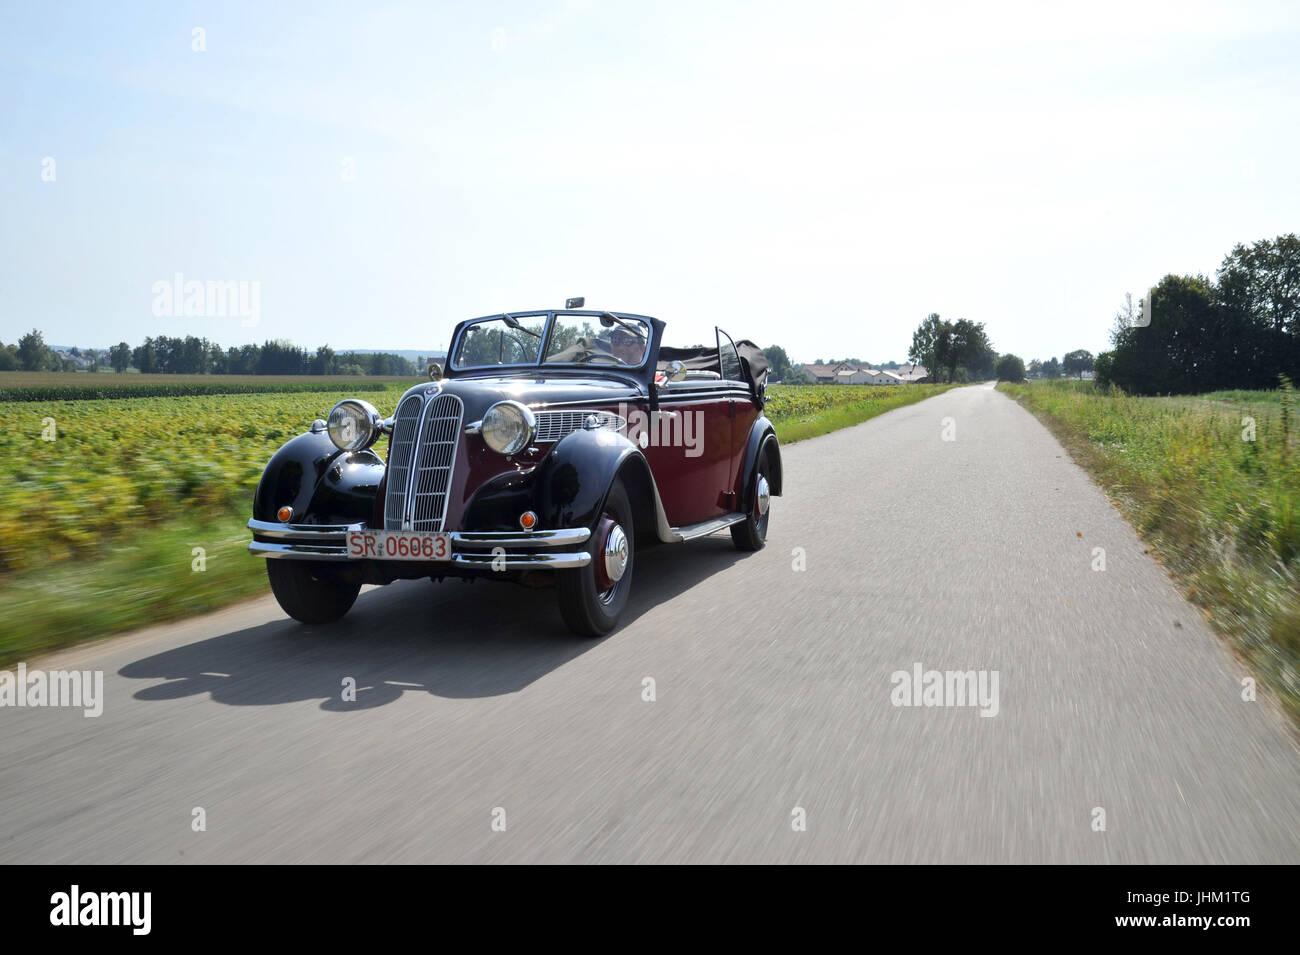 BMW 326 2 door convertible (1935-1941) pre war luxury car - Stock Image